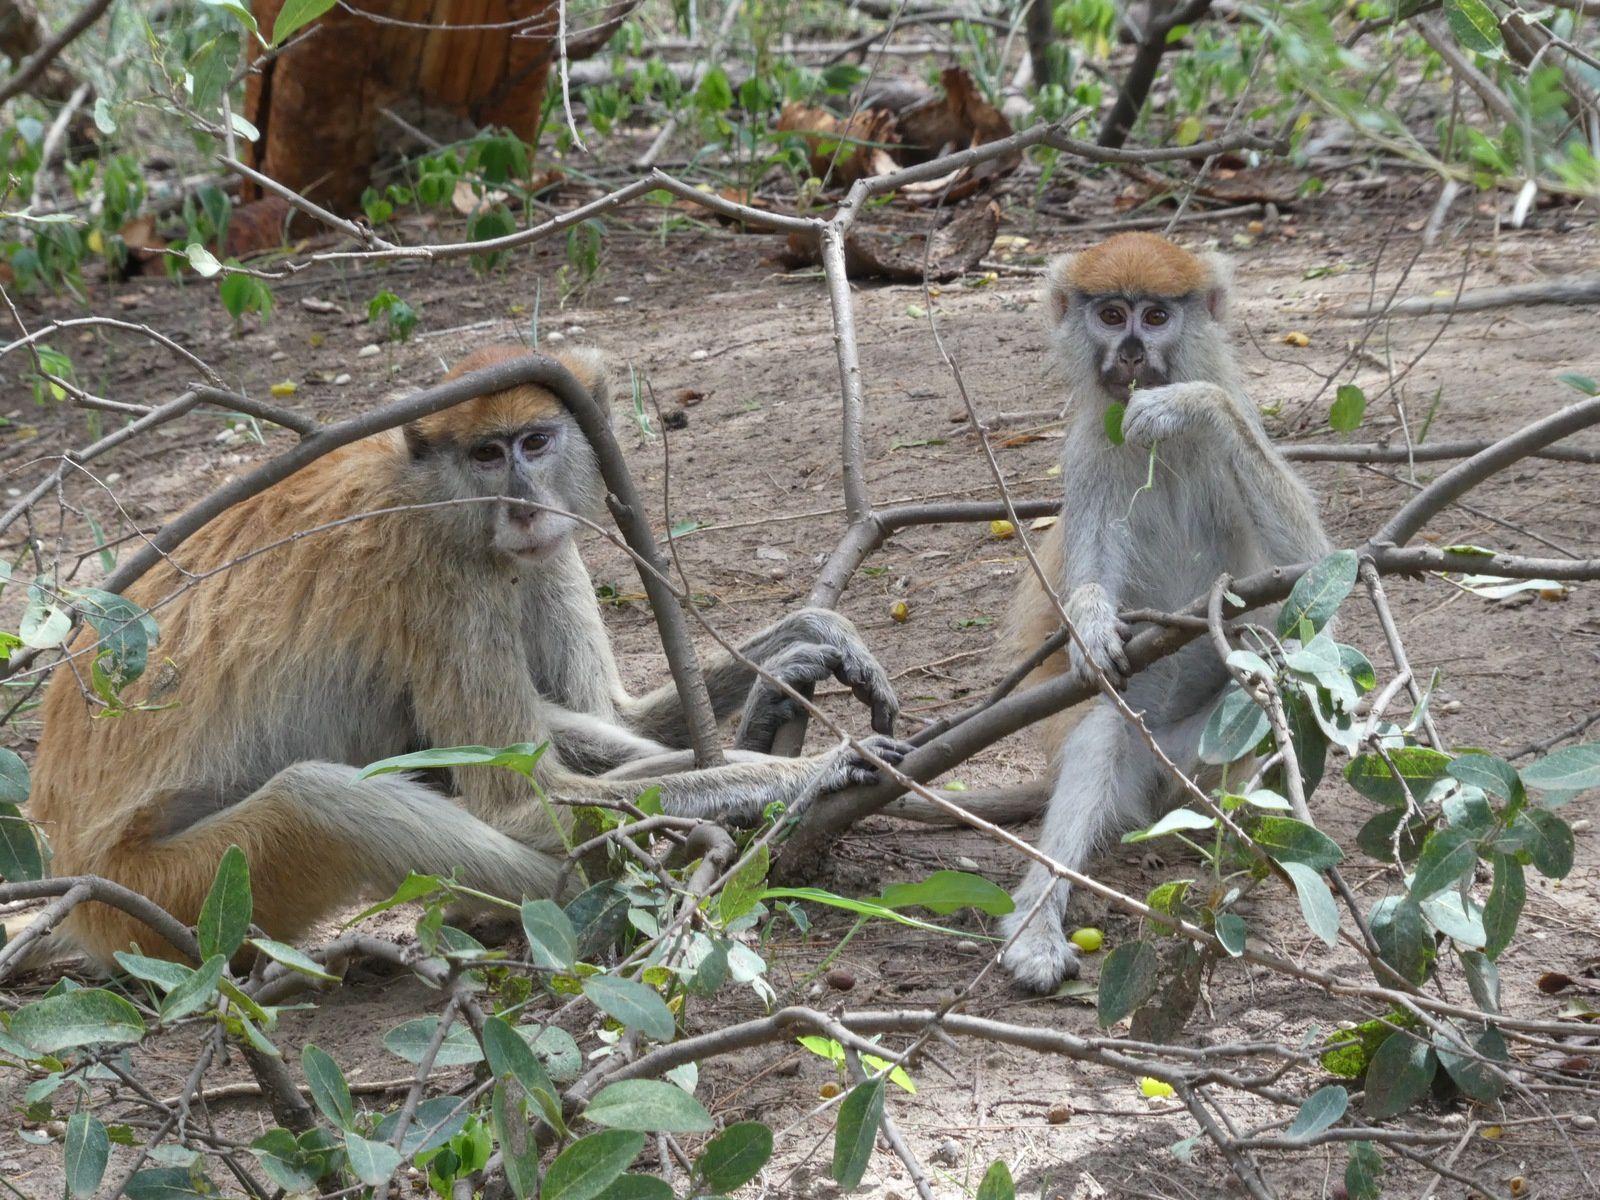 Monkey families, Réserve de Bandia, Sénégal - Juillet 2017